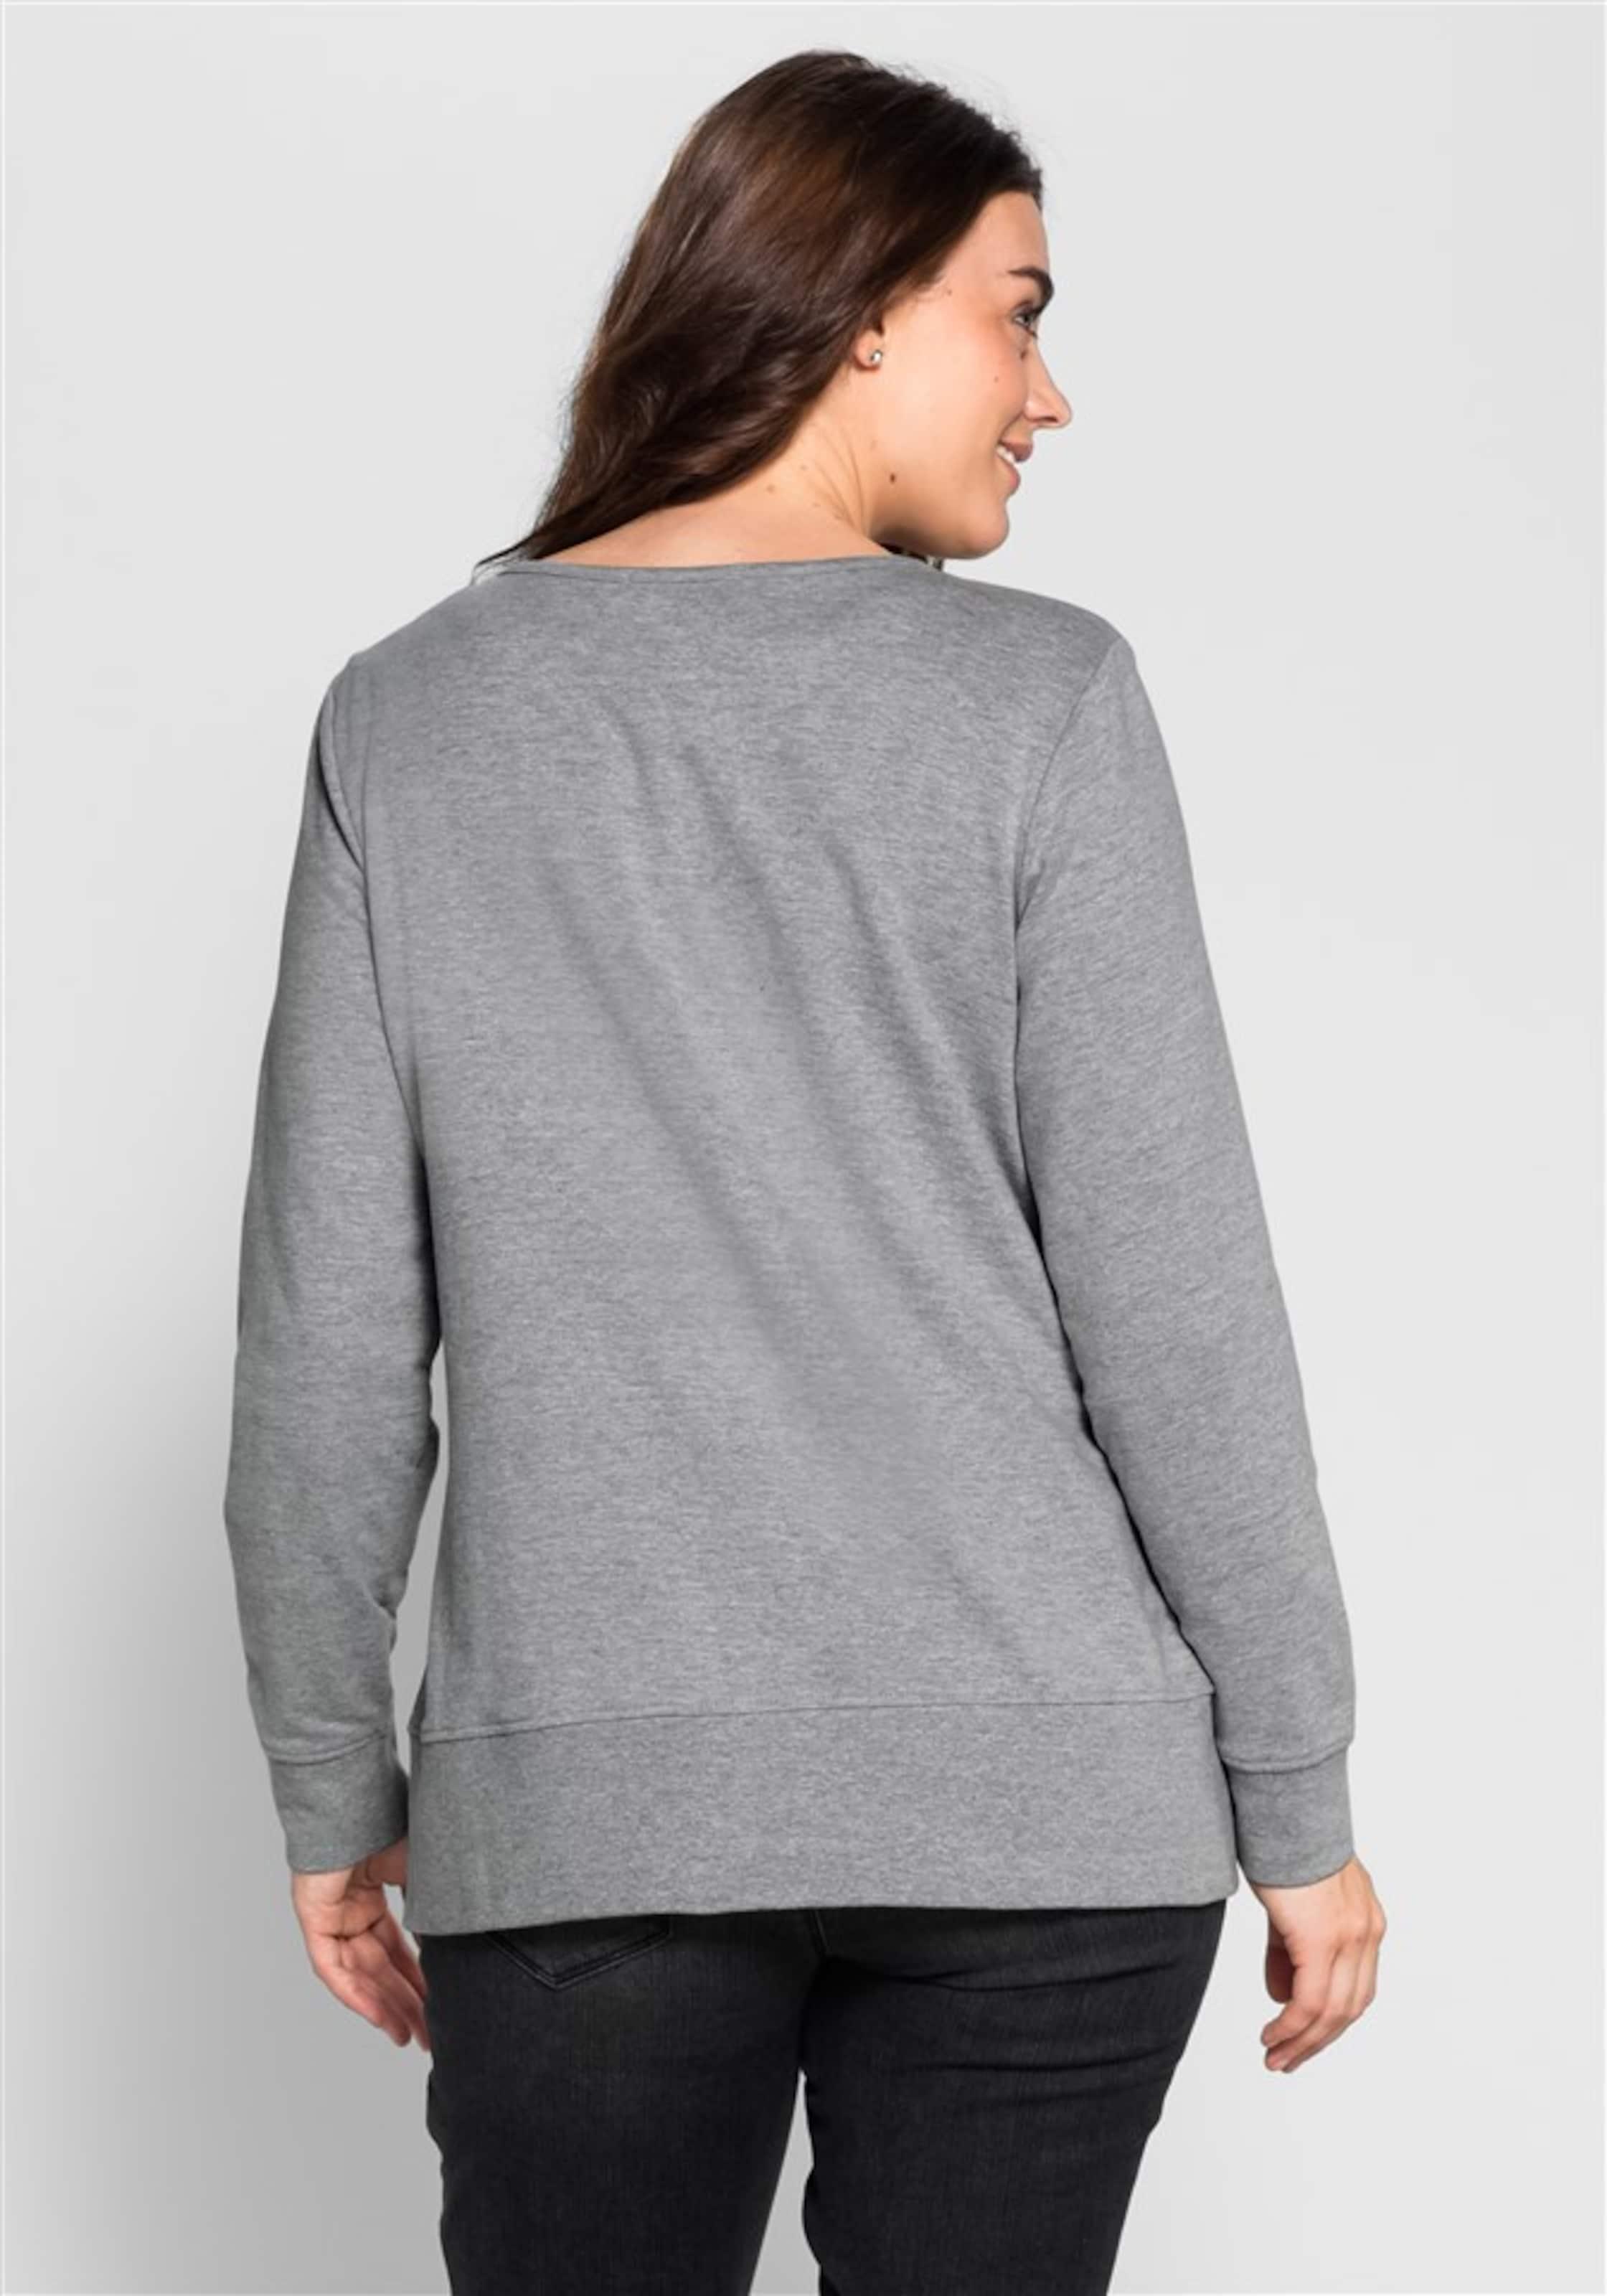 In Sweatshirt In Grau In Sheego In Sweatshirt Sweatshirt Sheego Grau Sheego Sheego Sweatshirt Grau w8OymNn0v